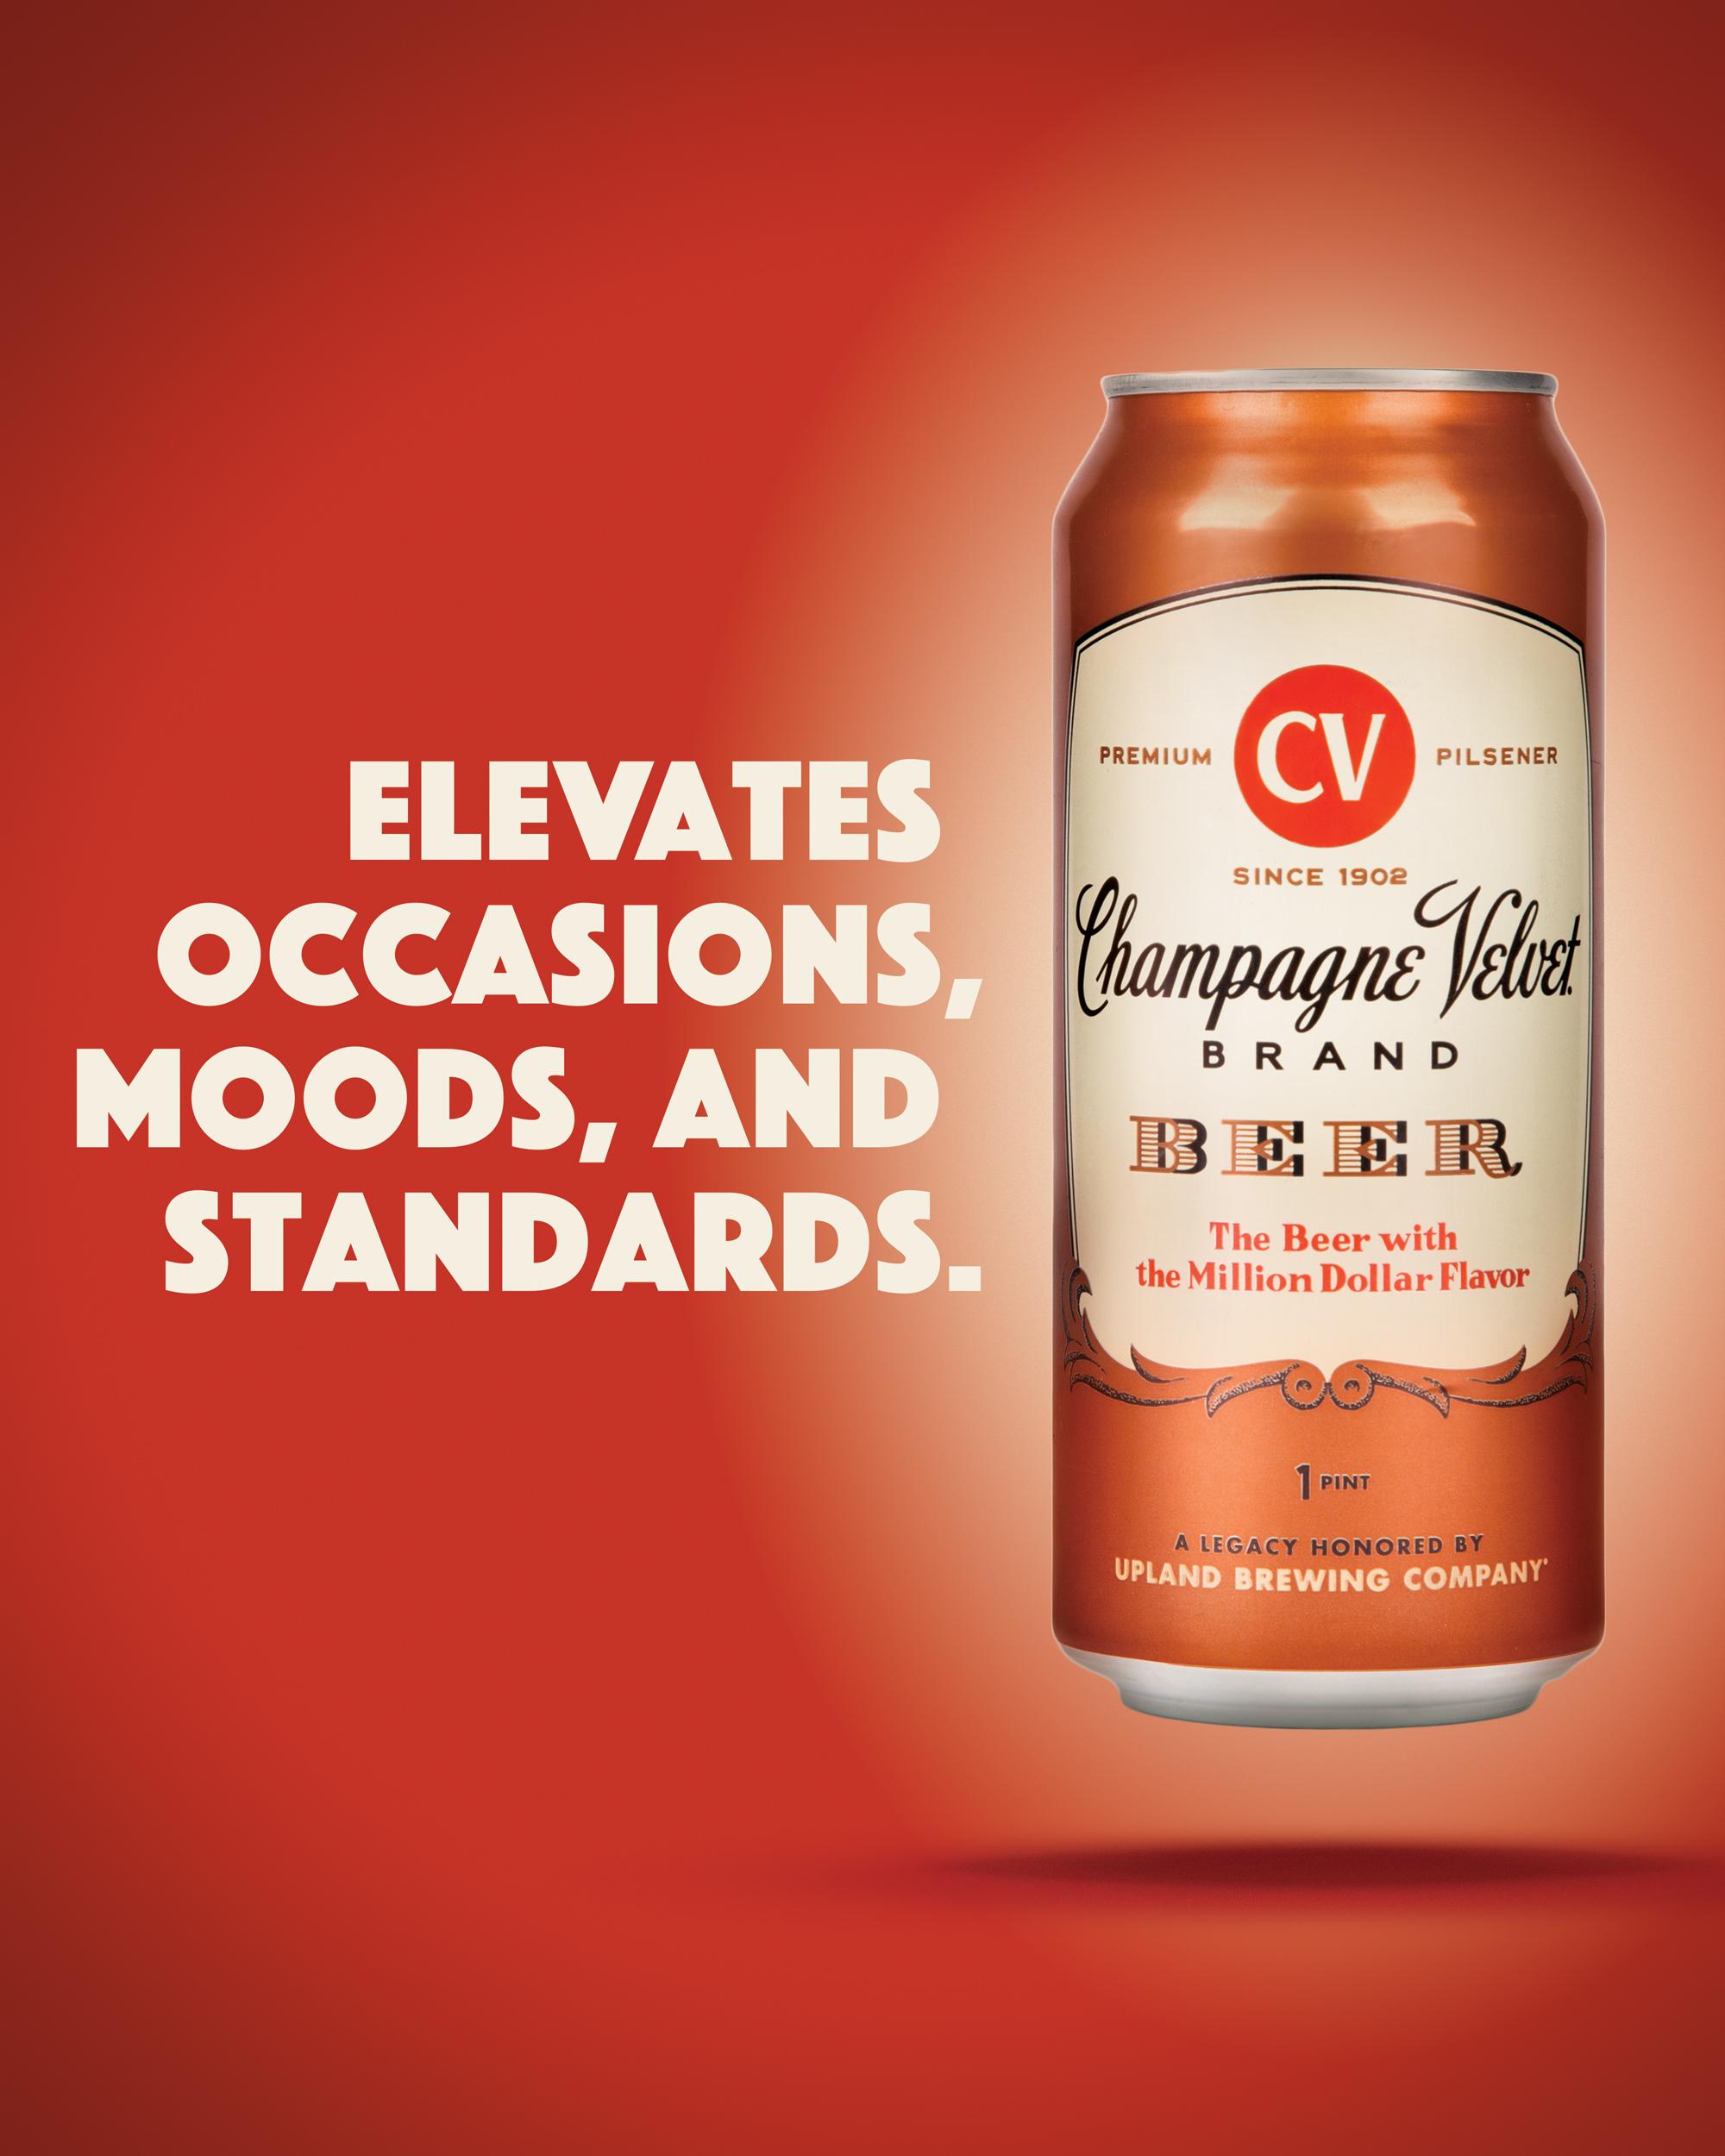 BeerPoster_vertical_elevates.jpg